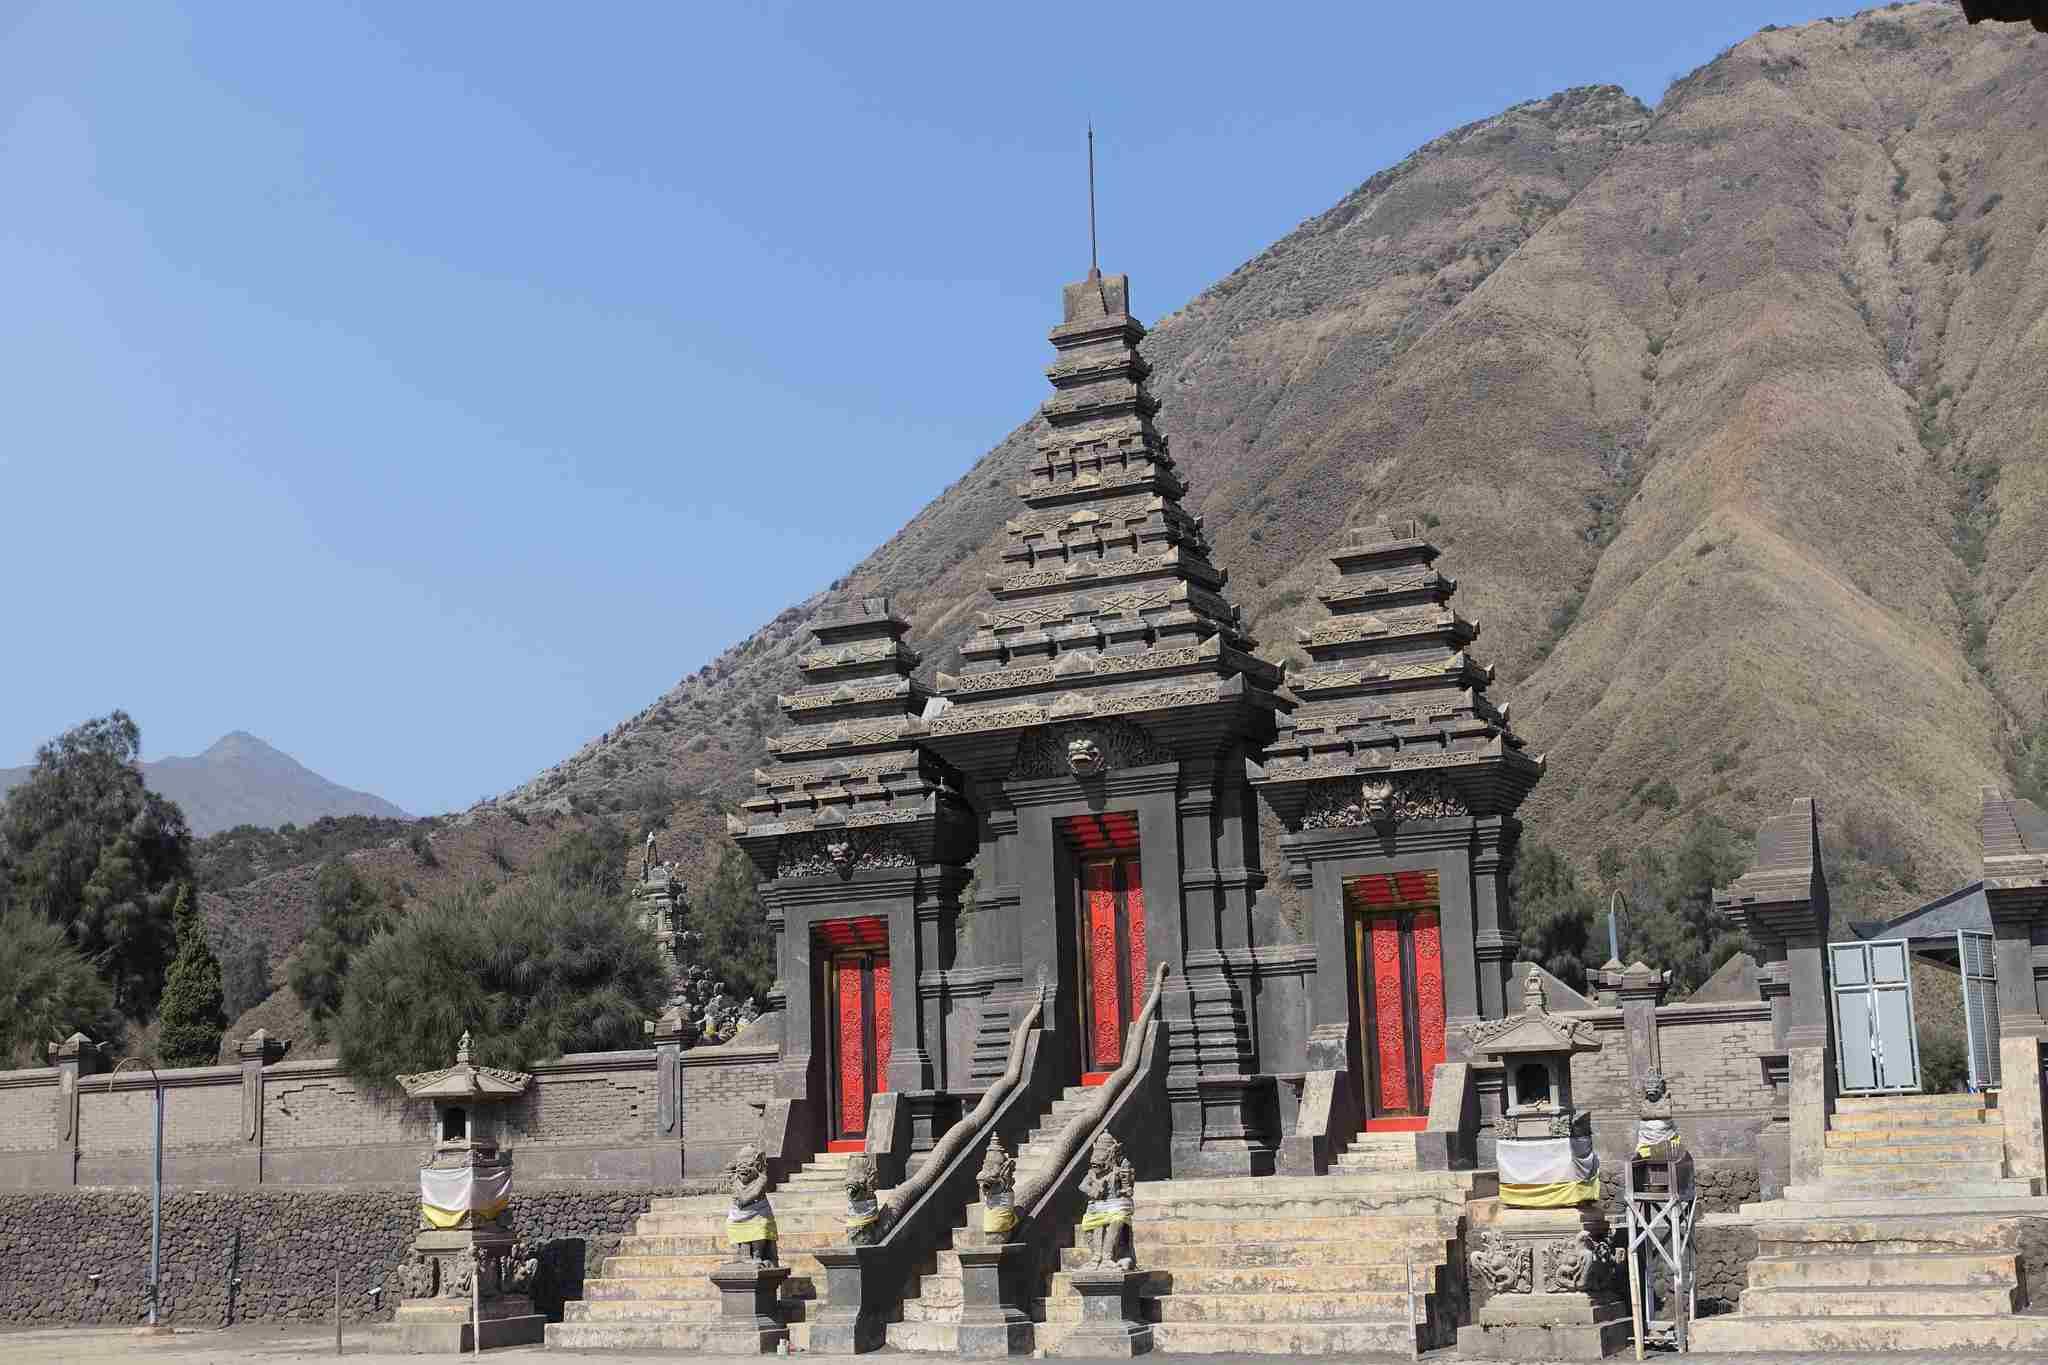 Pura Luhur Poten Temple, Bromo, Indonesia